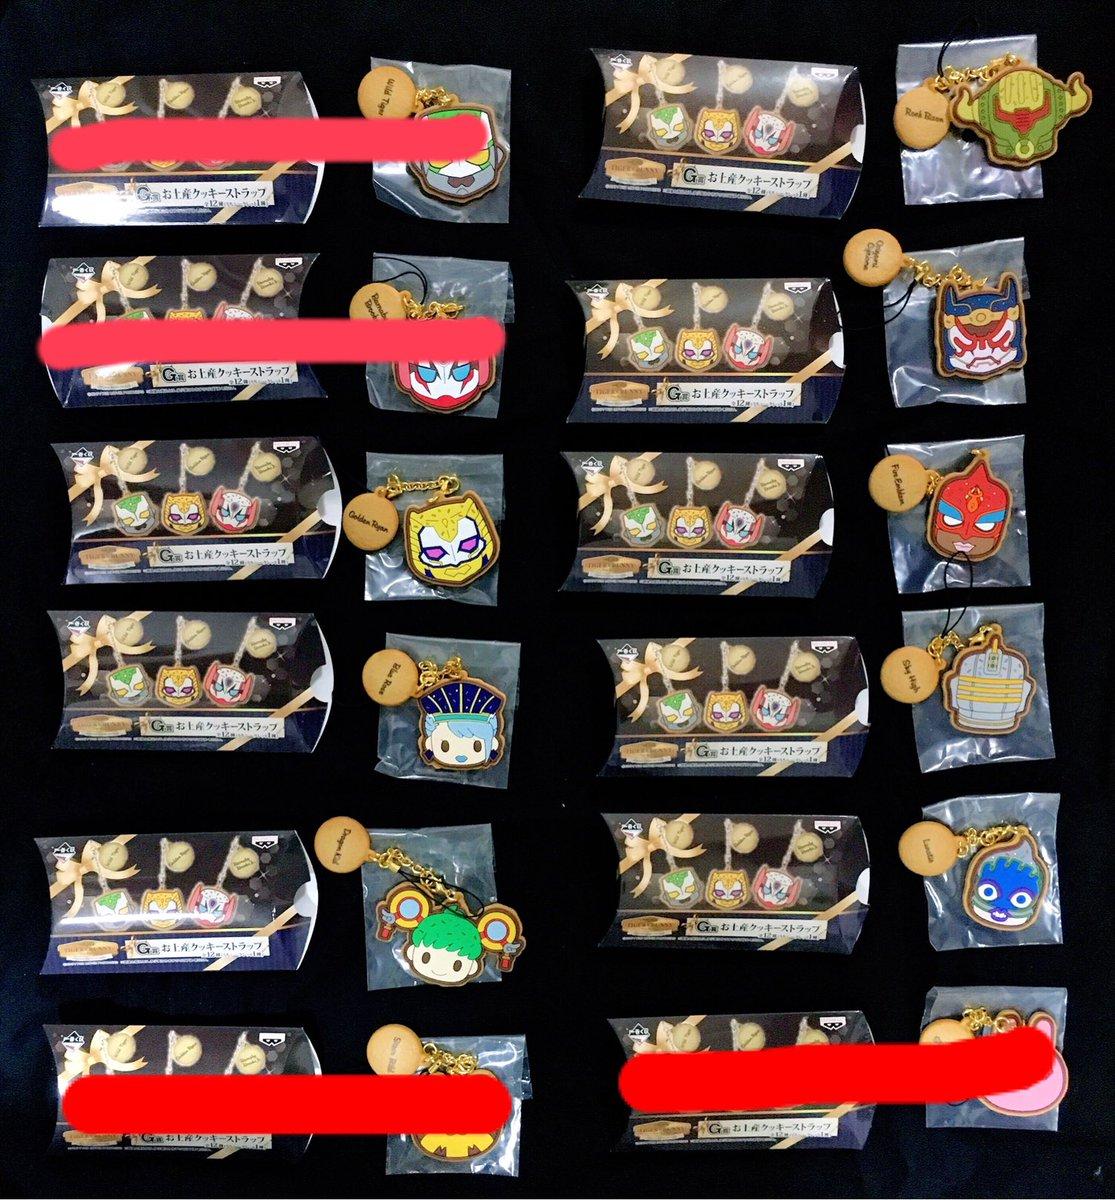 test ツイッターメディア - 像更新しました。 タイバニ一番くじ G賞 お土産クッキーストラップ 1個700円、 7種+シークレット 1種 おまとめも可能です。 よろしくお願い致します。  #タイバニグッズ譲渡交換所 #タイバニ一番くじ交換所 https://t.co/JyjWpKrntW